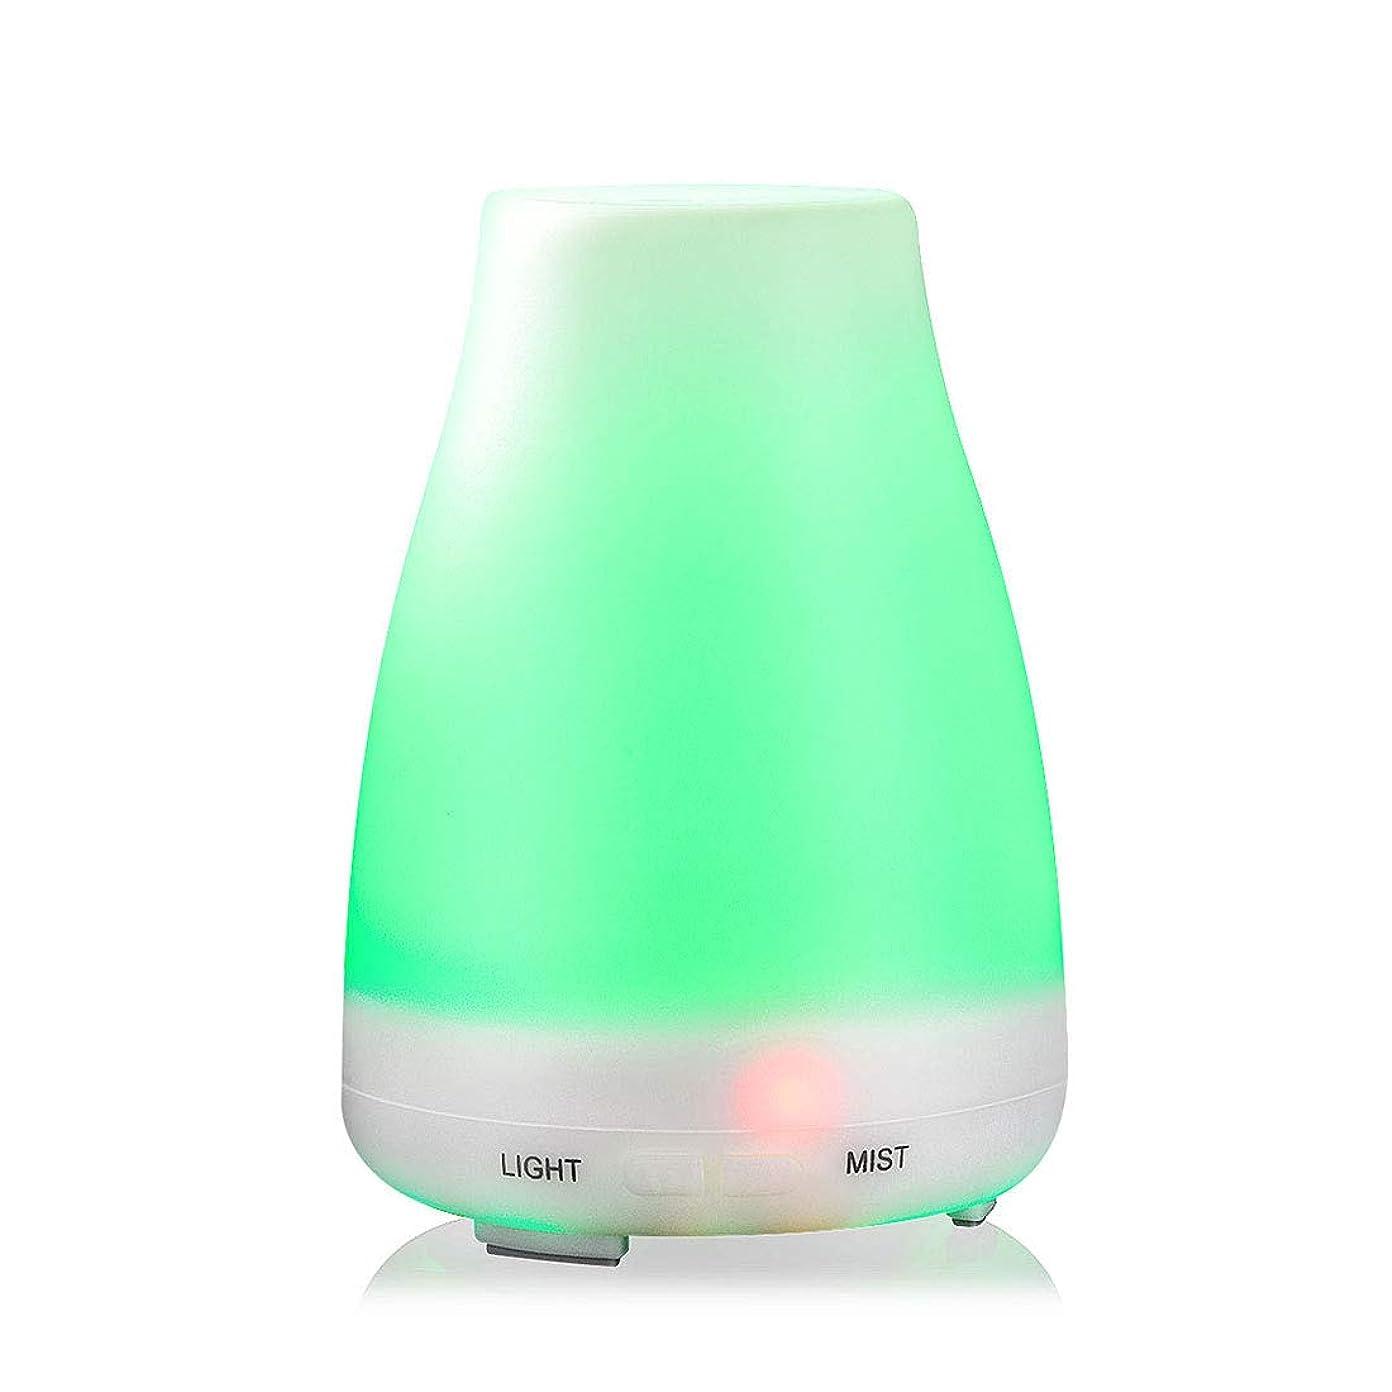 赤ちゃん警戒吸収するミニエッセンシャルオイルディフューザー超音波浄化空気ミスト気化器低ノイズ加湿器ホーム7色